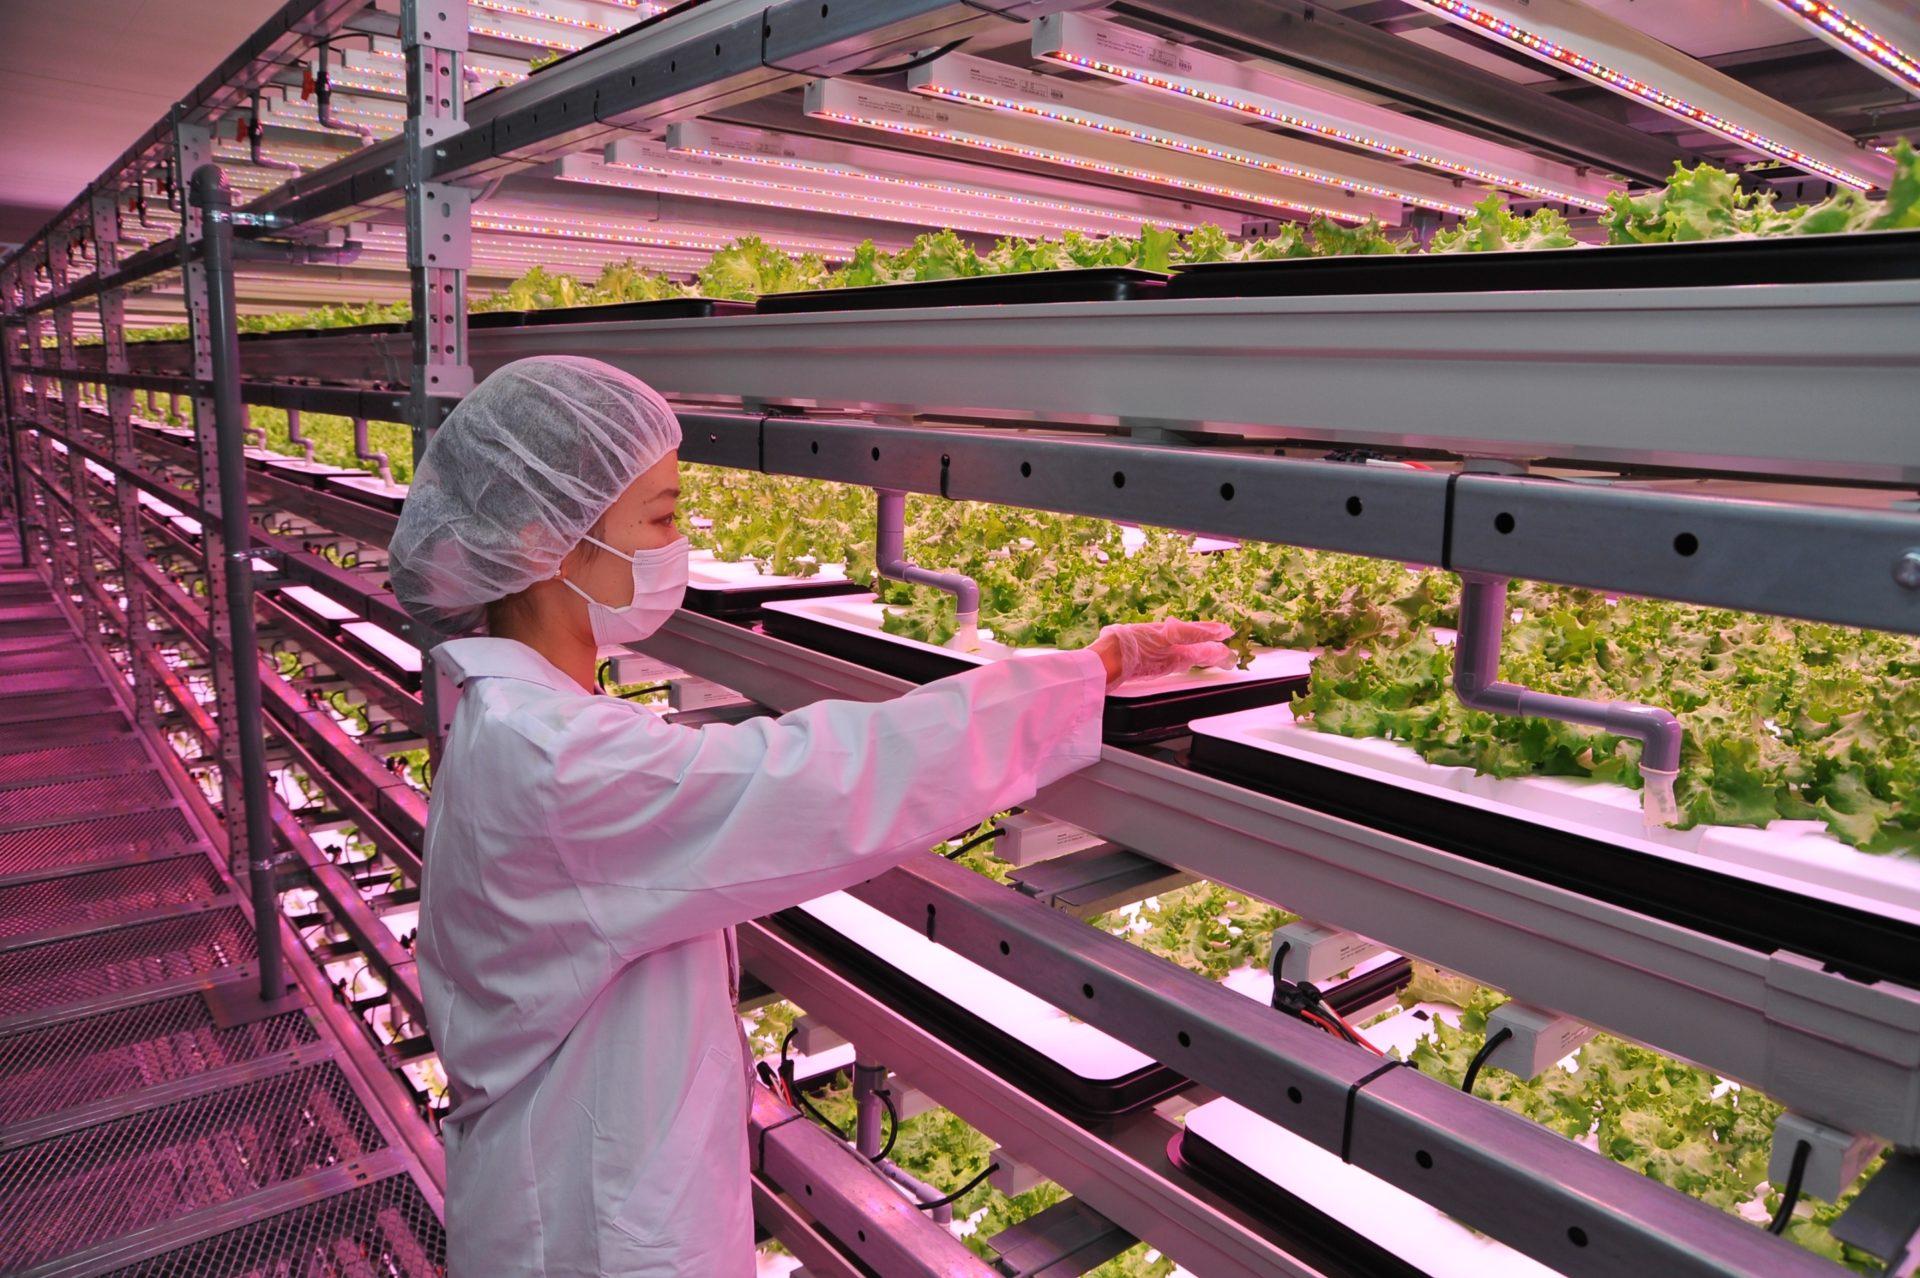 В Якутии впервые будут готовить сити-фермеров — ЦОПП Якутии и Якутский сельскохозяйственный техникум запустили курс по Сити-фермерству